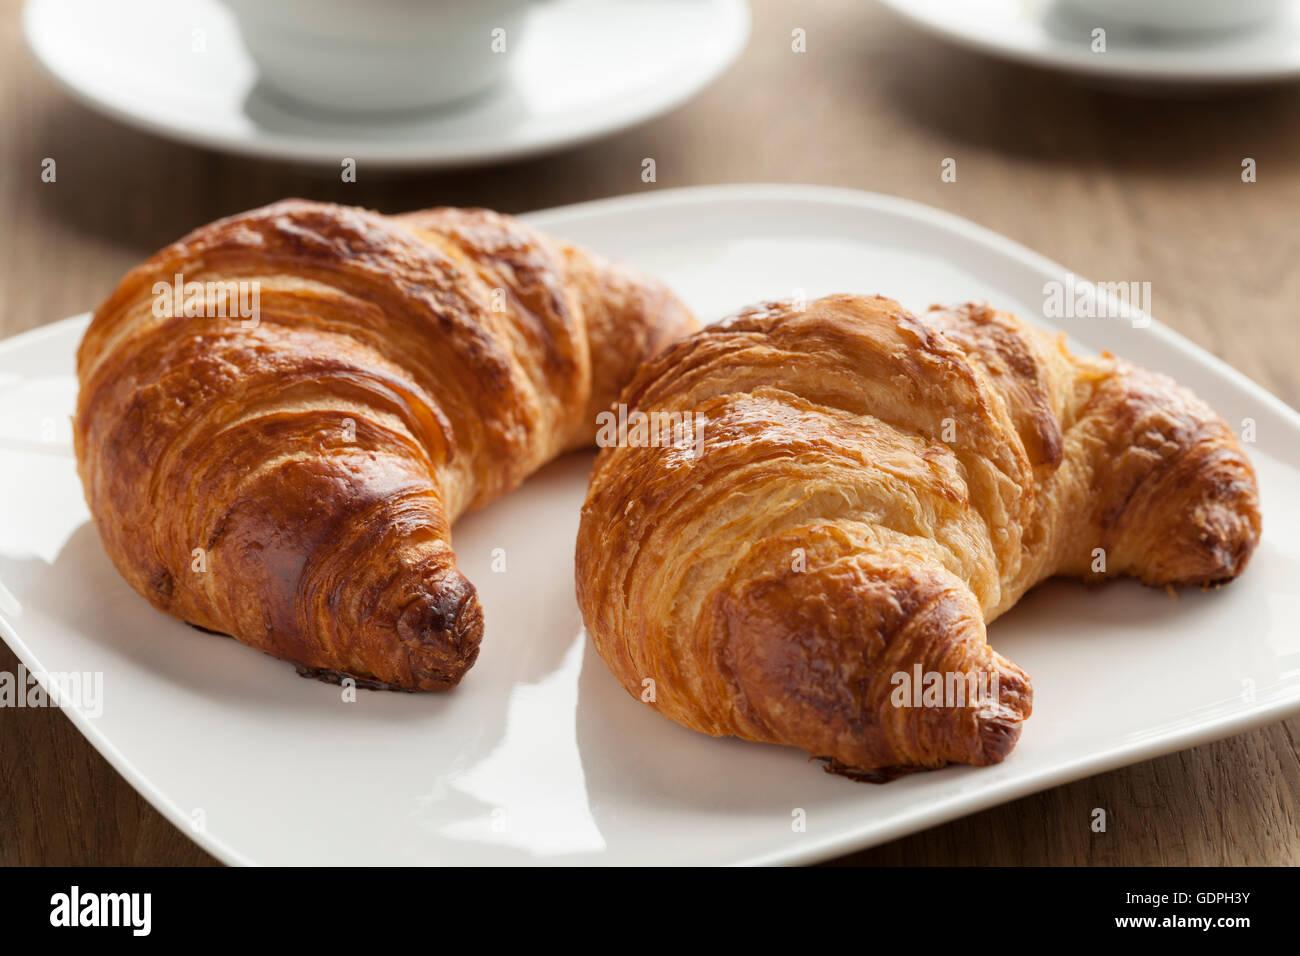 Plato con medialunas recién horneadas para desayunar Imagen De Stock